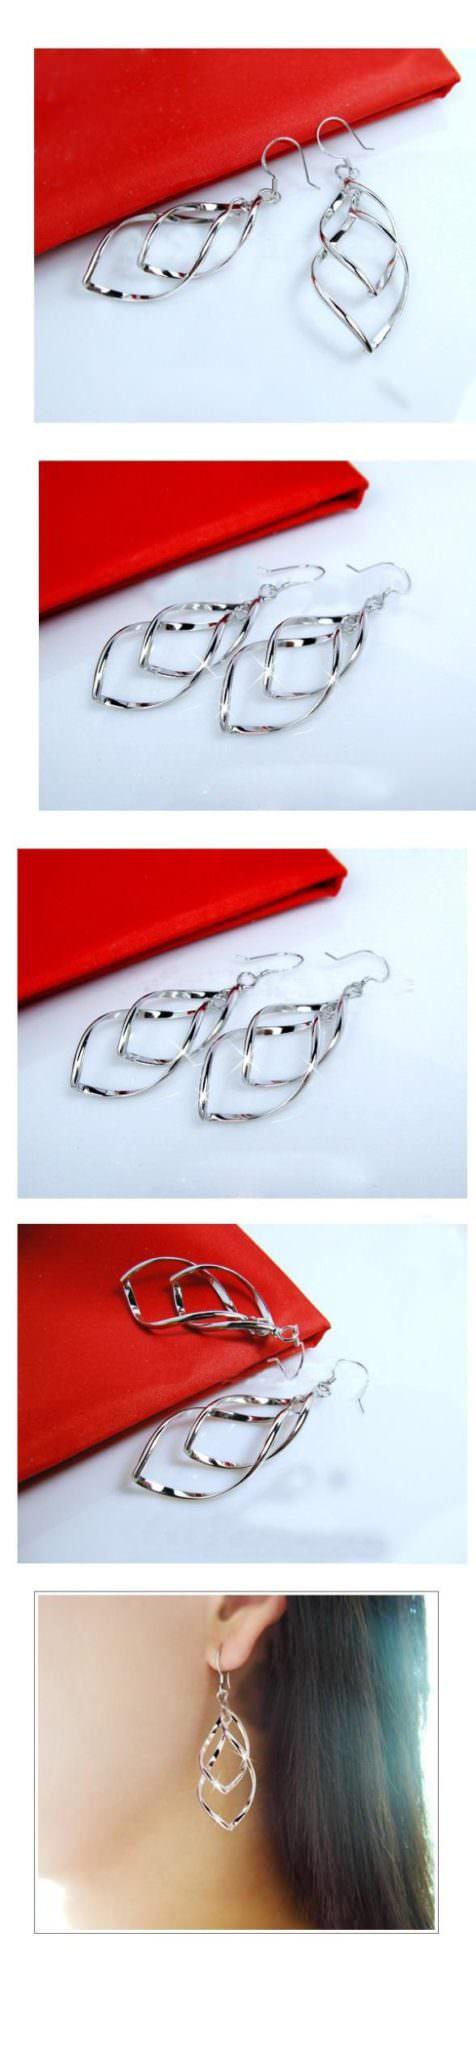 11566-b17b25c757e80cf163b2c4a4f1a63600 Trendy Rhombus Interlaced French Wire Earring Jewelry